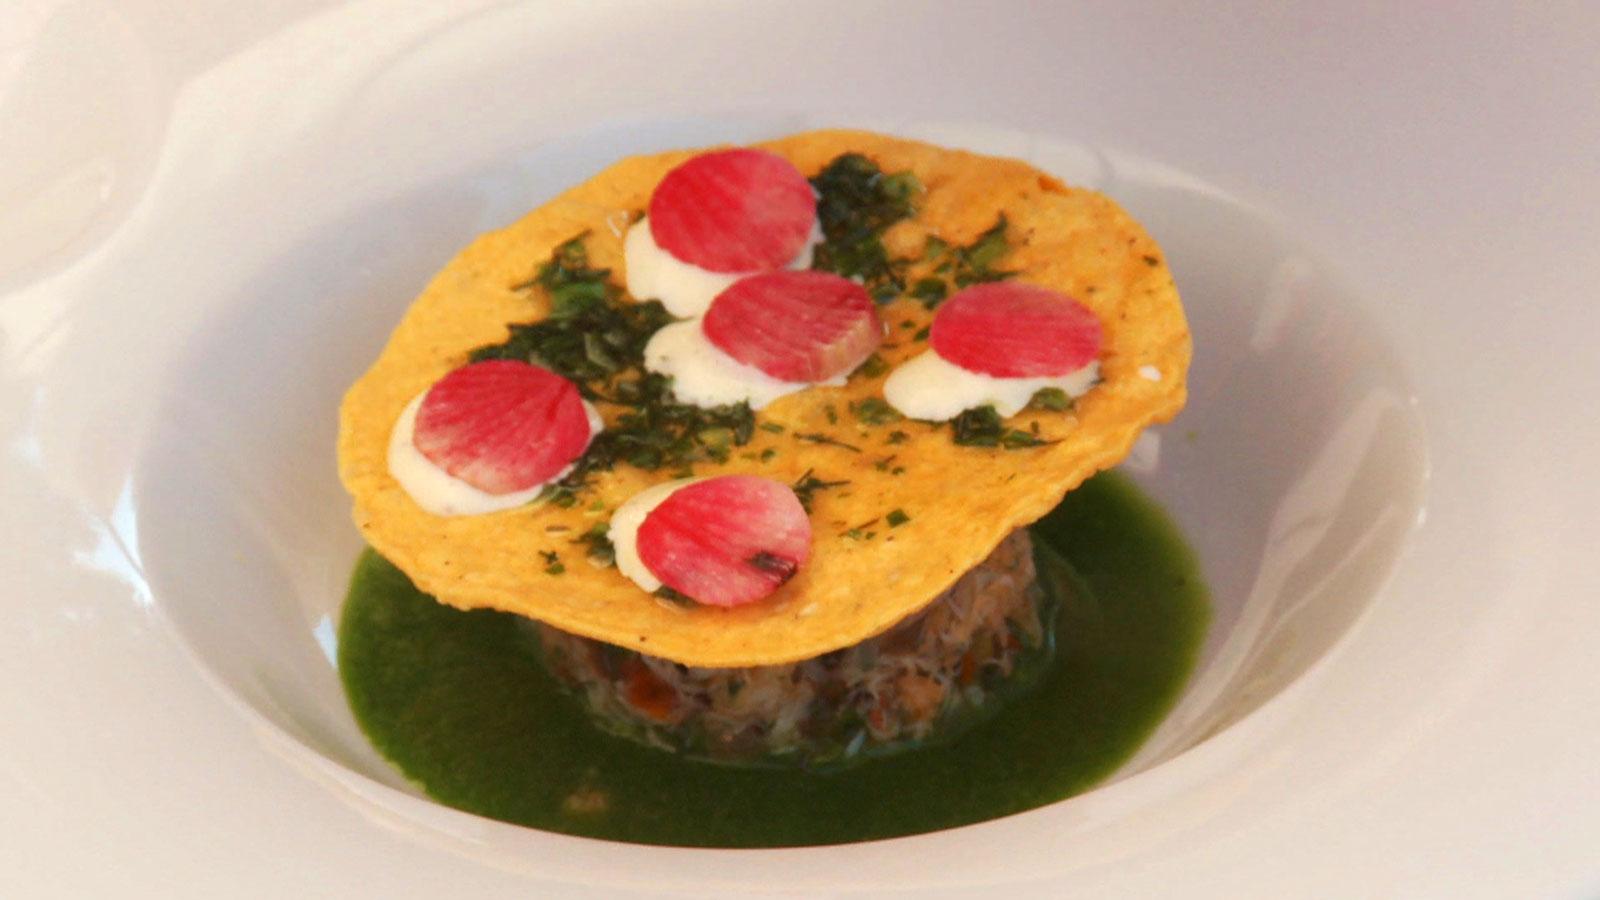 Estofado de jaiba jorge sierra receta canal cocina for Canal cocina mexicana